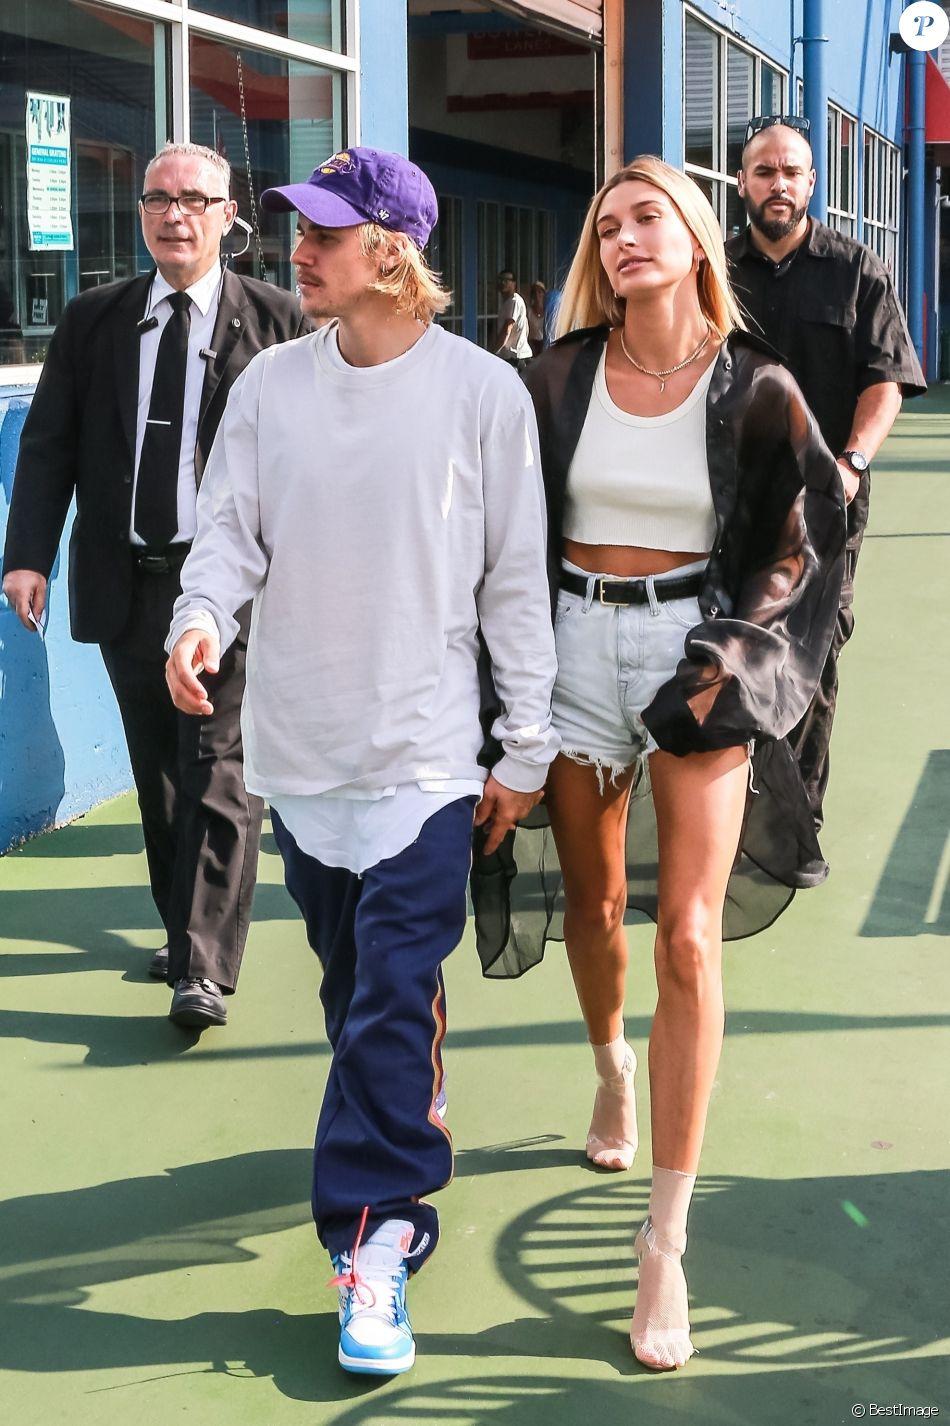 Justin Bieber et sa fiancée Hailey Baldwin se rendent au défilé John Elliot Fashion lors de la Fashion Week de New York City, New York, Etats-Unis, le 6 septembre 2018.